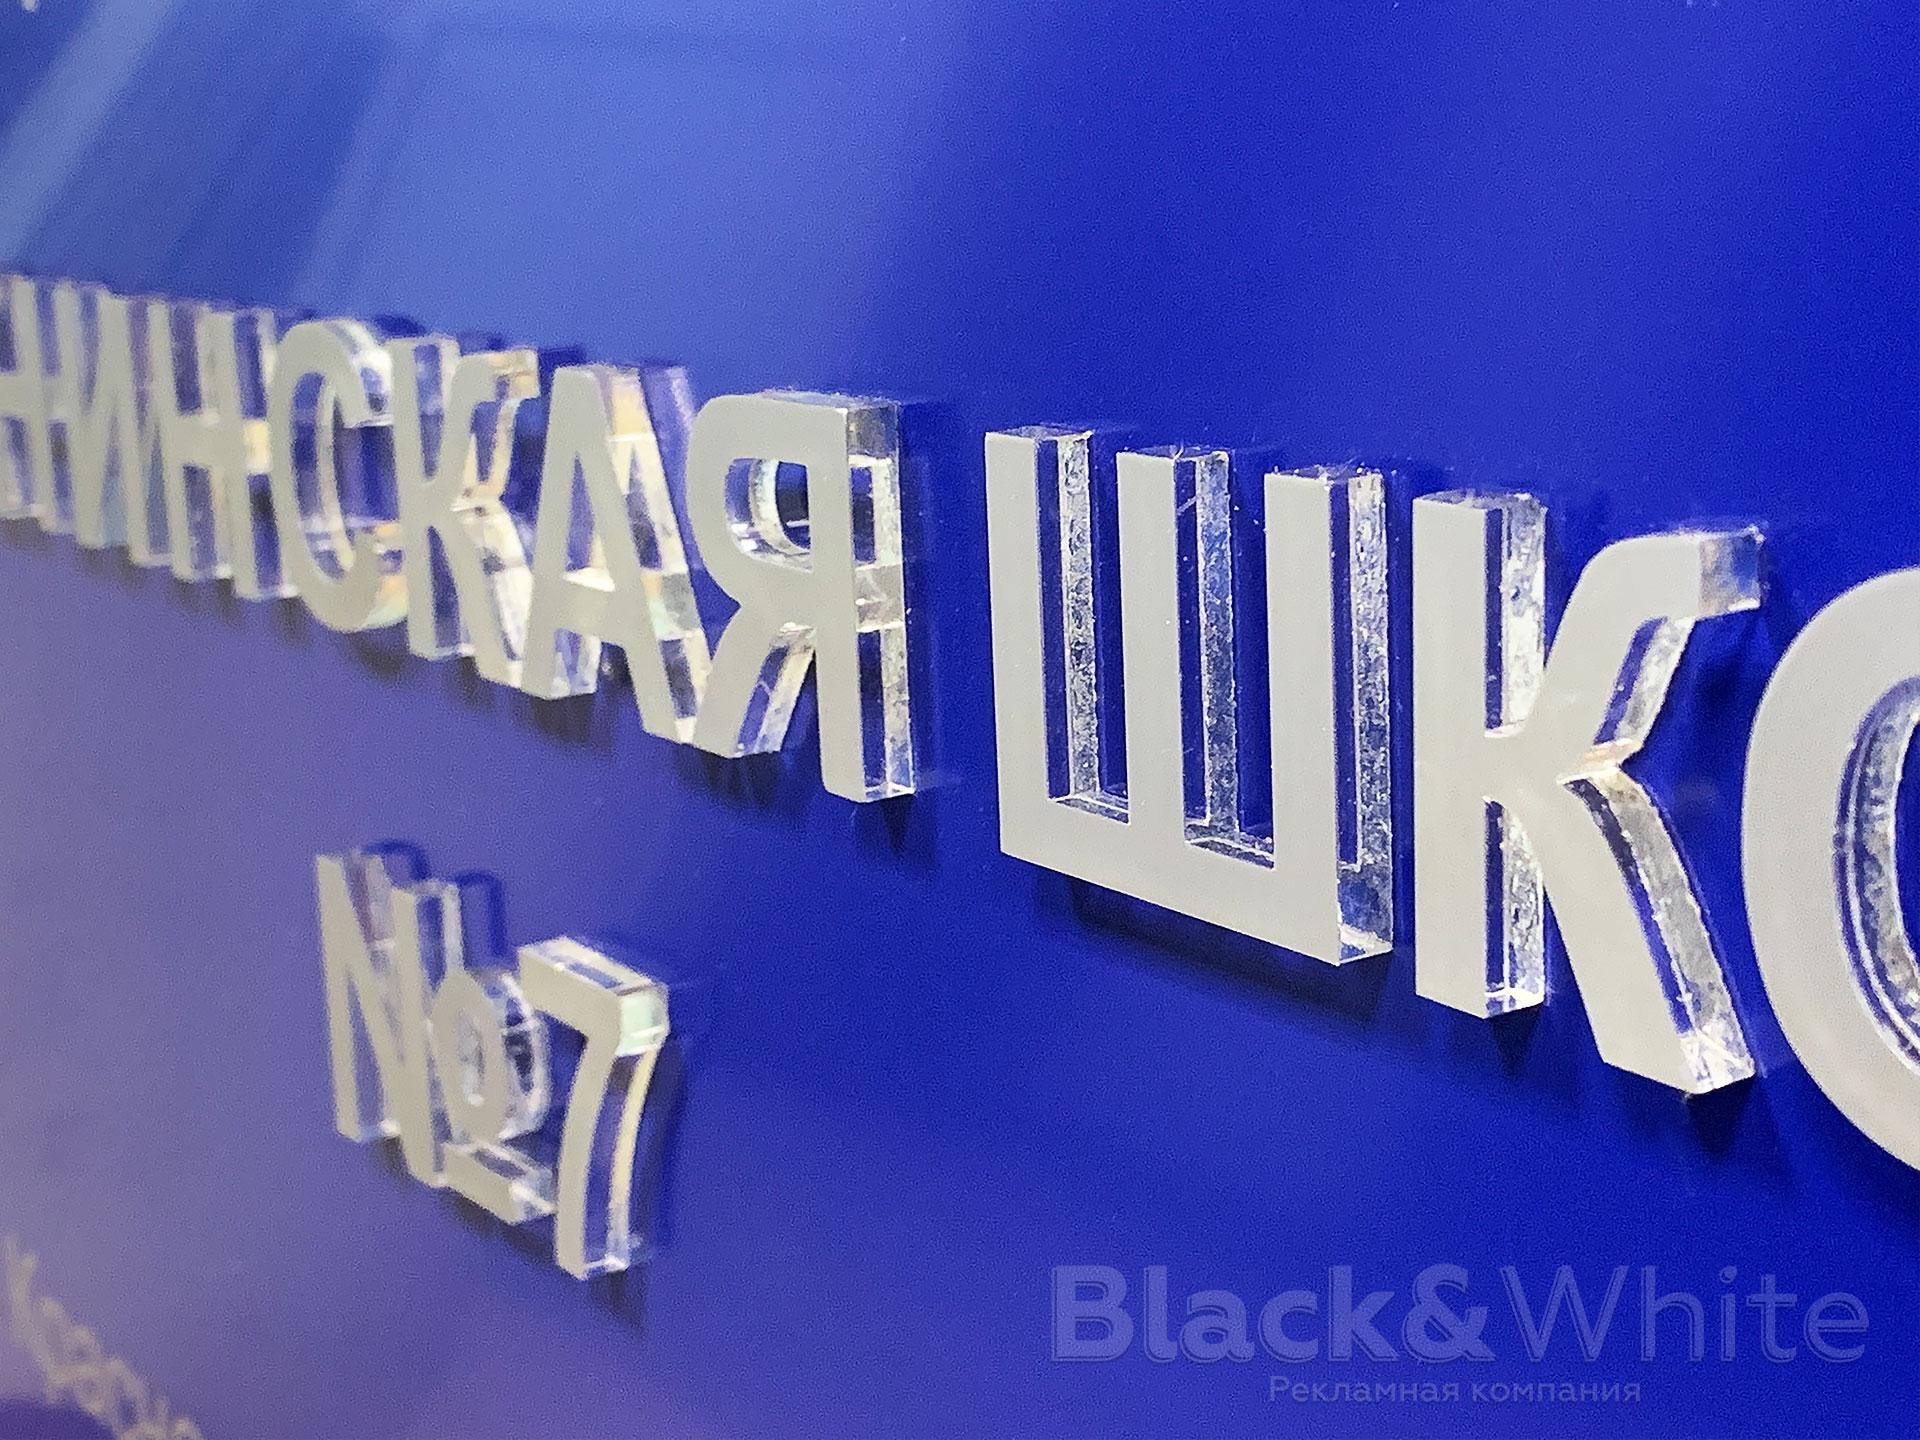 Плоские-(псевдообъемные)-буквы-из-оргстекла-акрила-bukvyi-ploskie-psevdoobemnyie-bukvyi-iz-orgstekla-табличка-для-школы.jpg